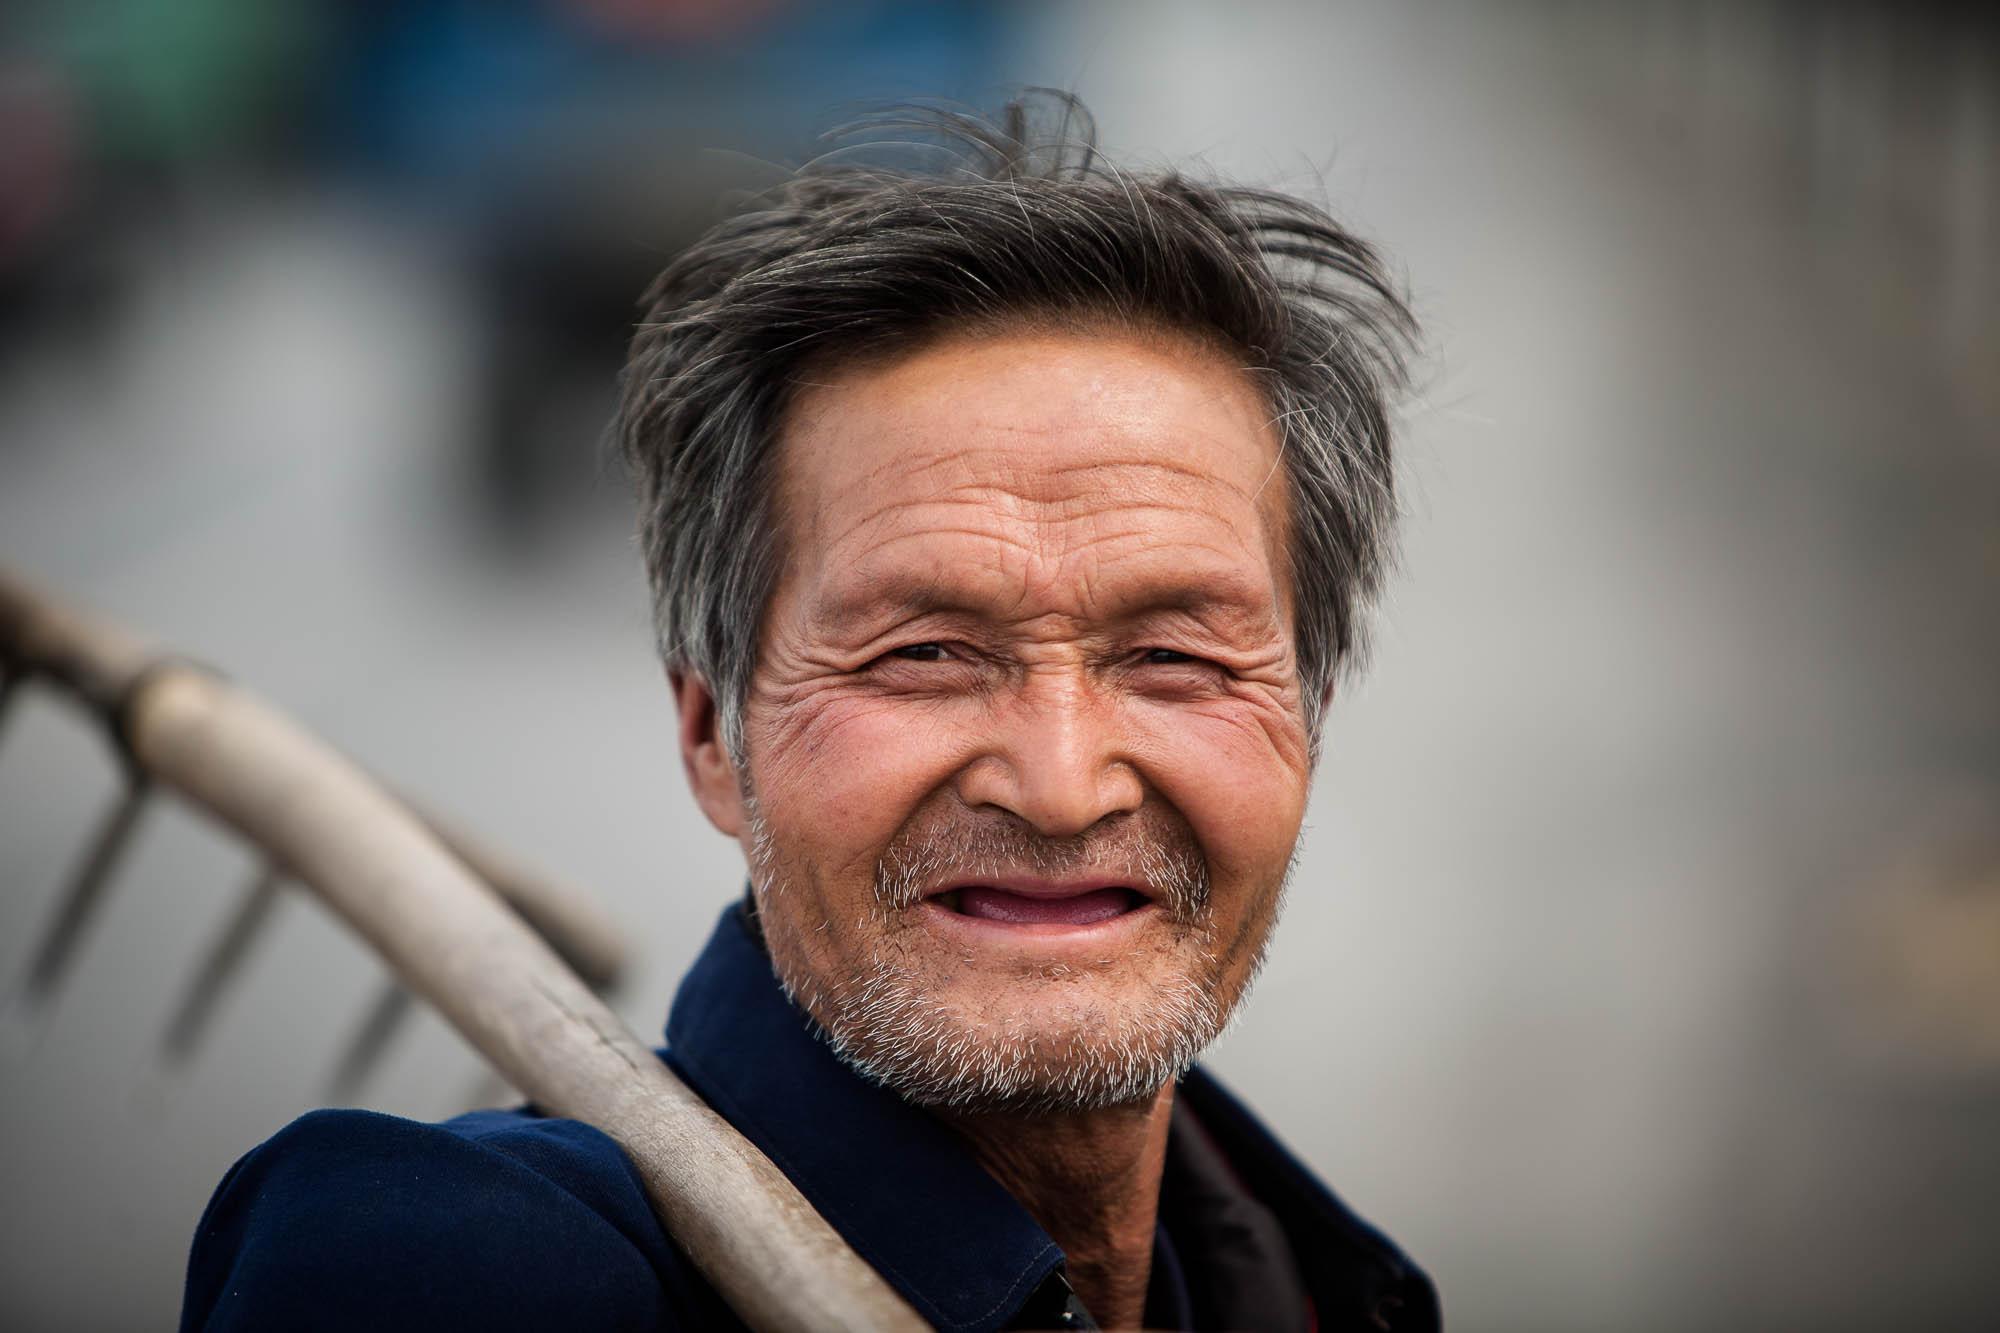 old guy